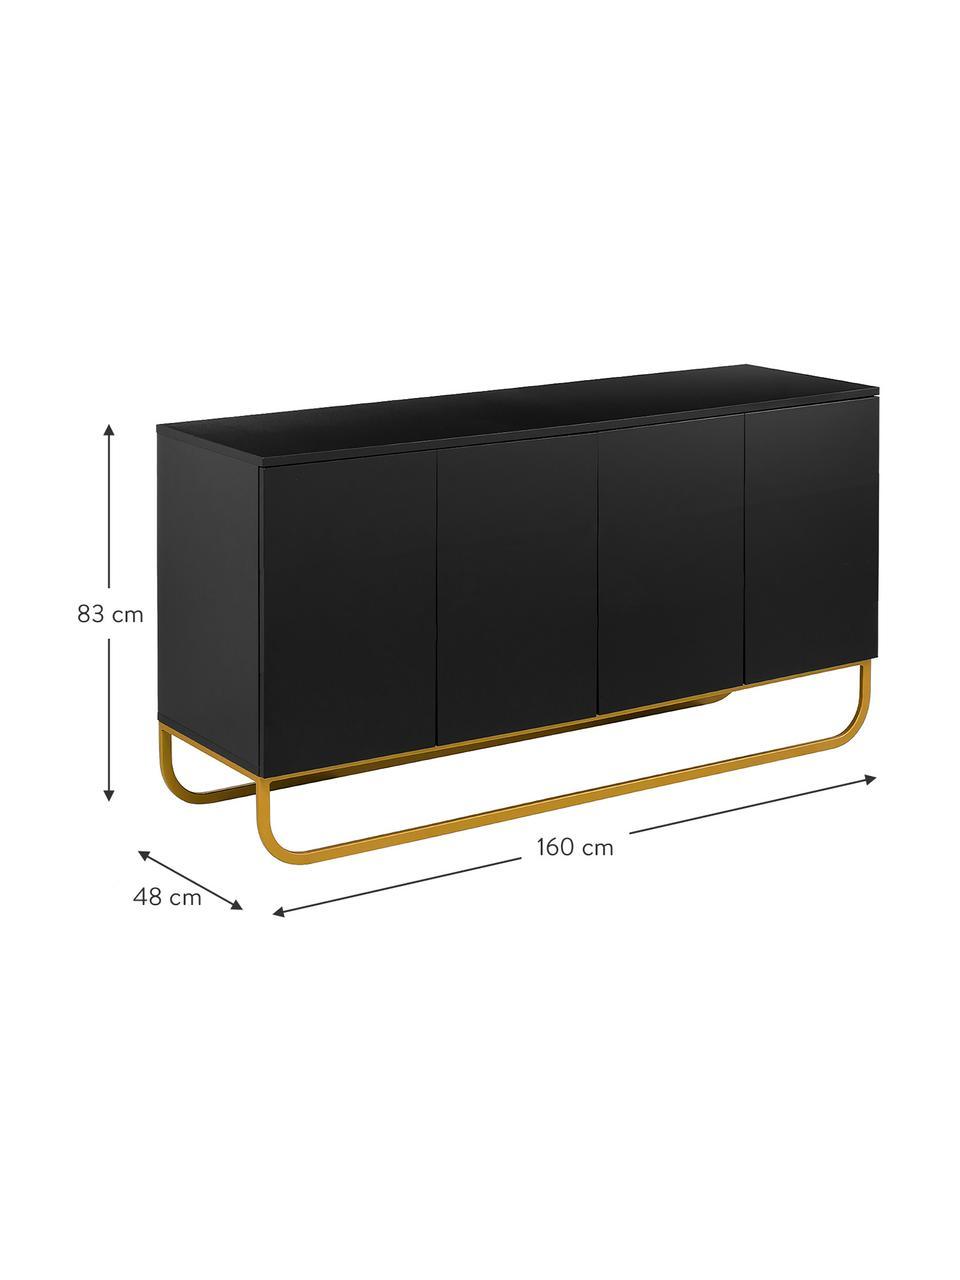 Komoda z drzwiczkami Sanford, Korpus: płyta pilśniowa średniej , Czarny, odcienie złotego, S 160 x W 83 cm